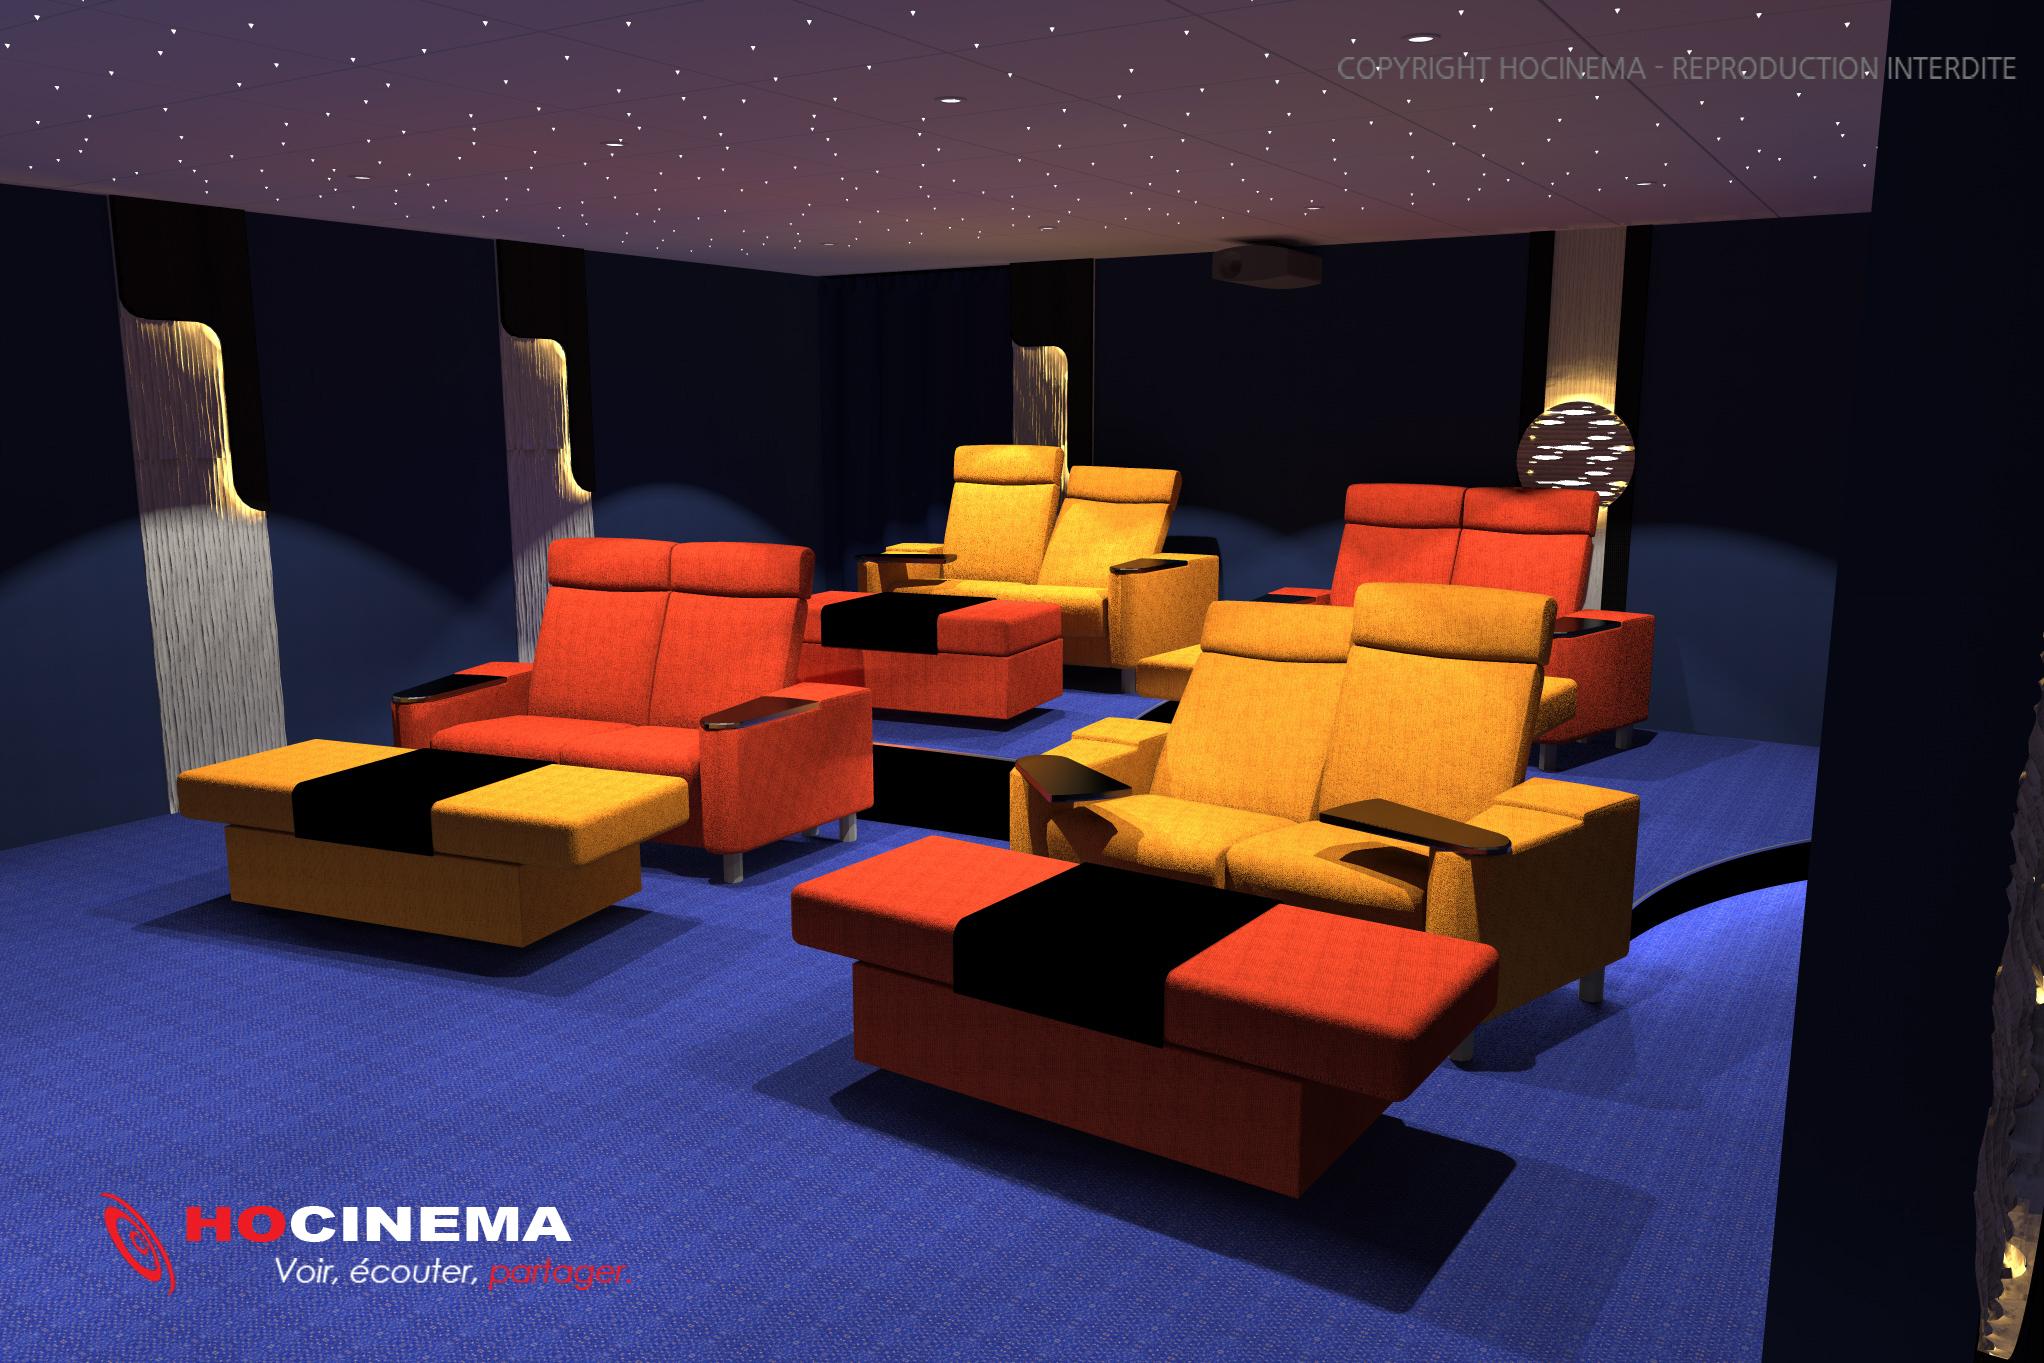 Salle de cinema a la maison 18 perpignan d sign for Cinema a la maison